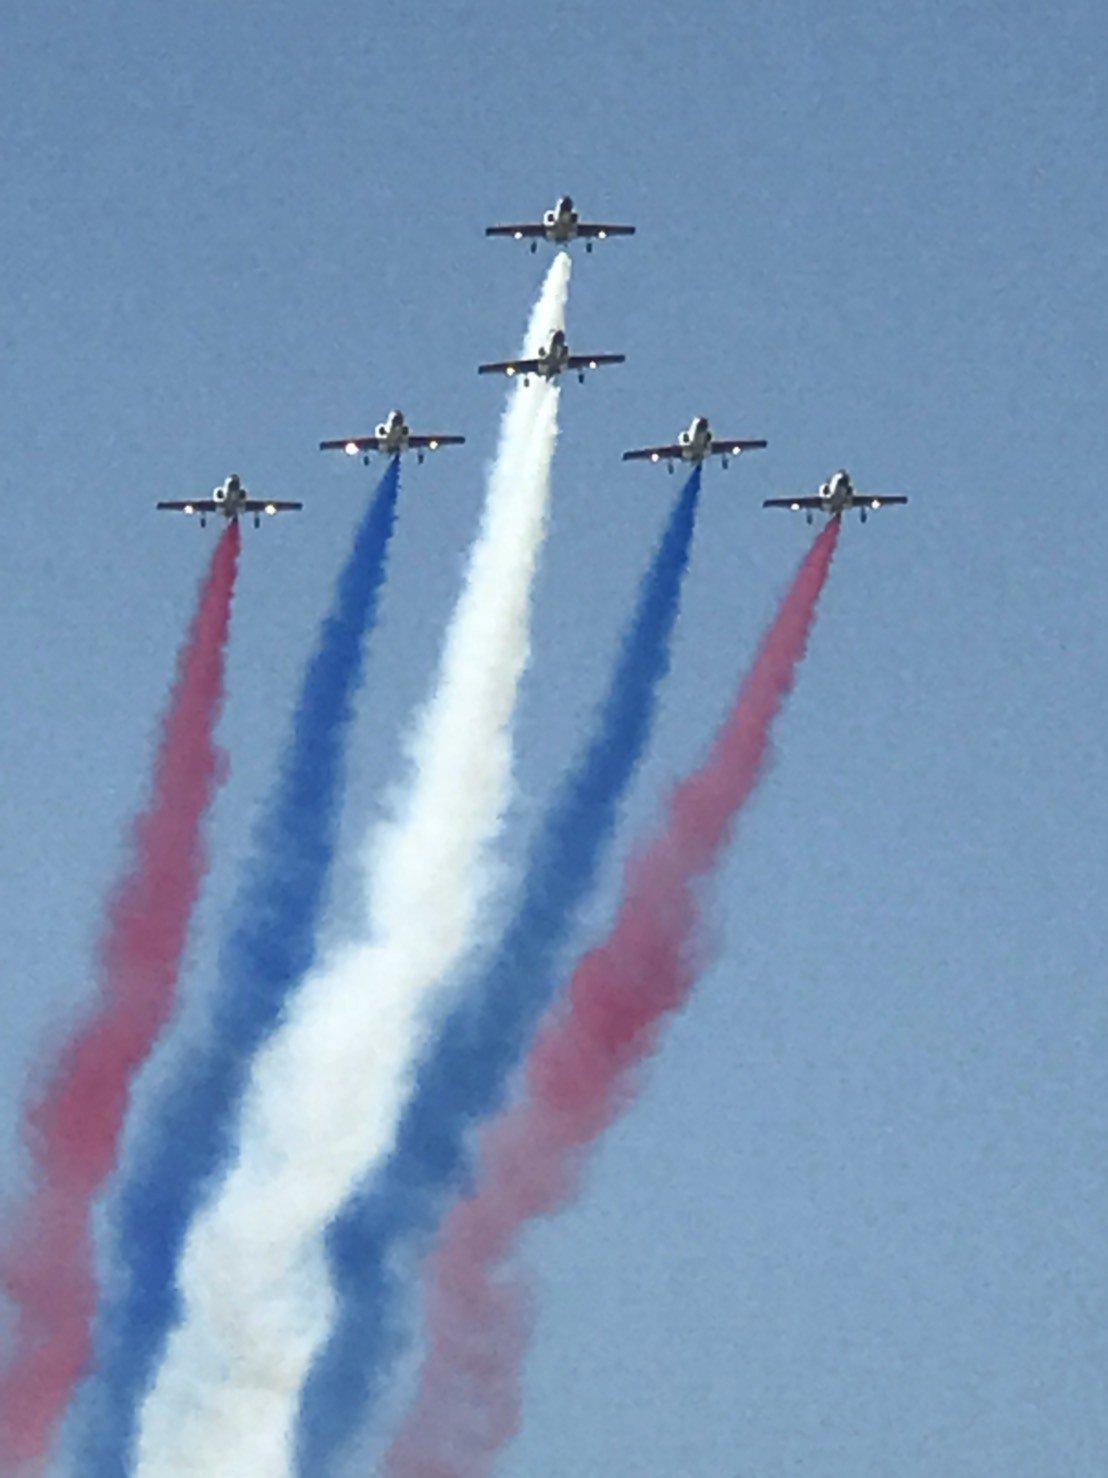 來自三軍退役的高齡榮民,看到各種軍機在空中精彩絕倫的特技演出,動作敏捷的拿起手機...